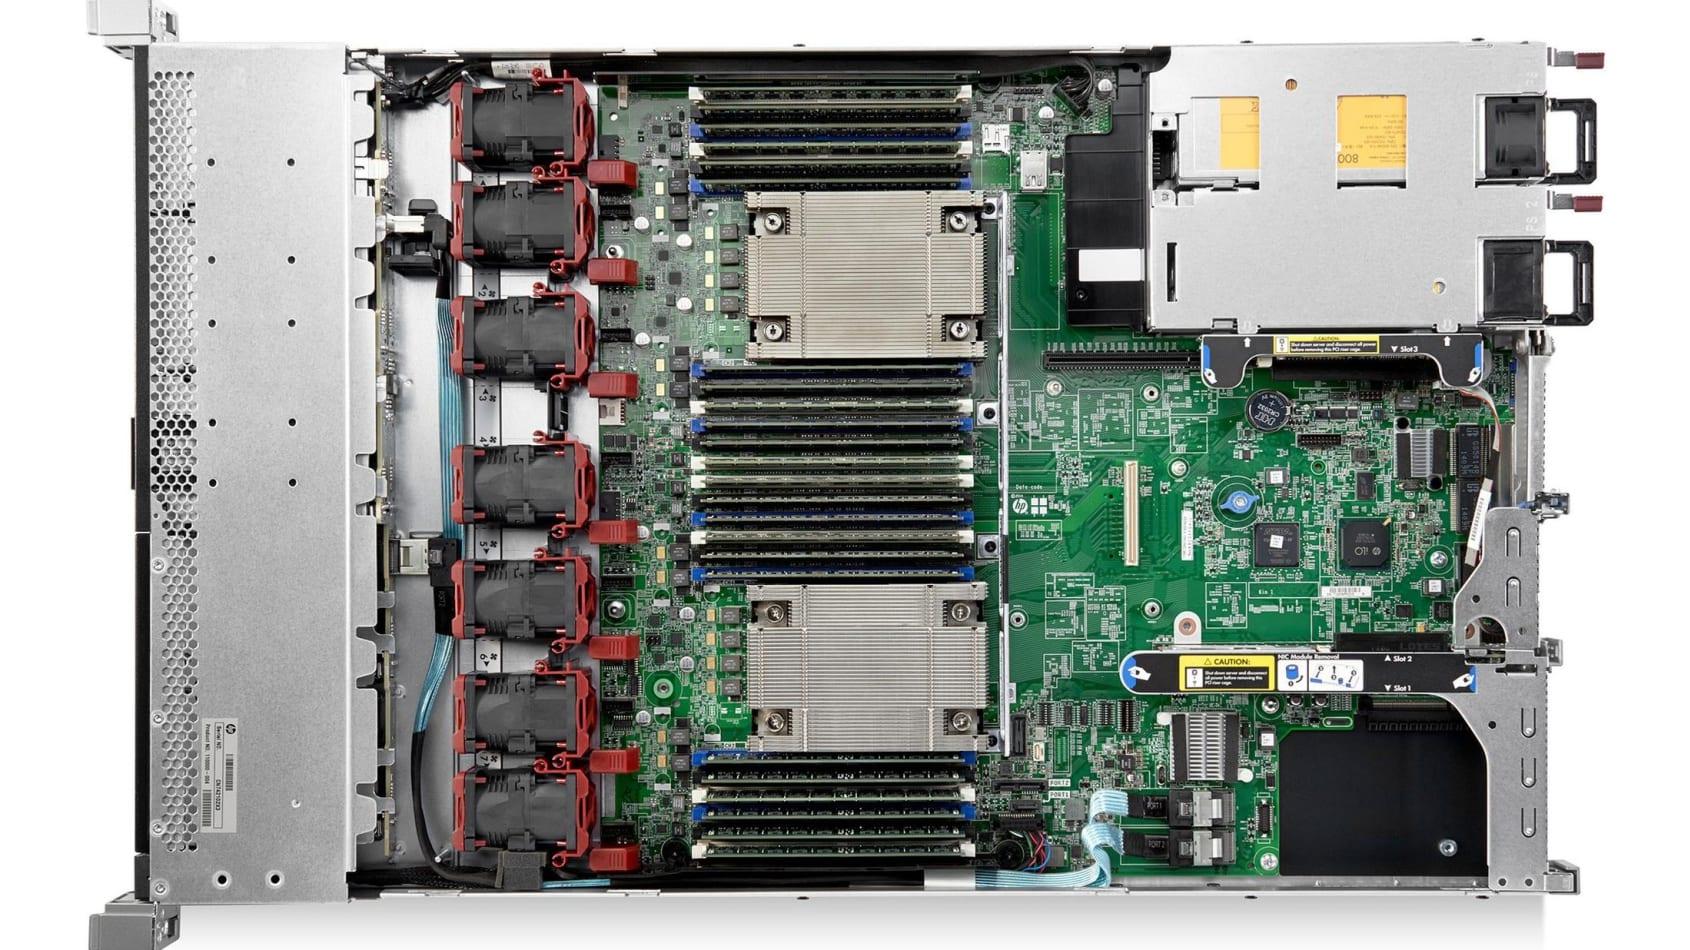 قیمت سرور استوک HP ProLiant DL360 Gen9 8SFF E5-2620 V3